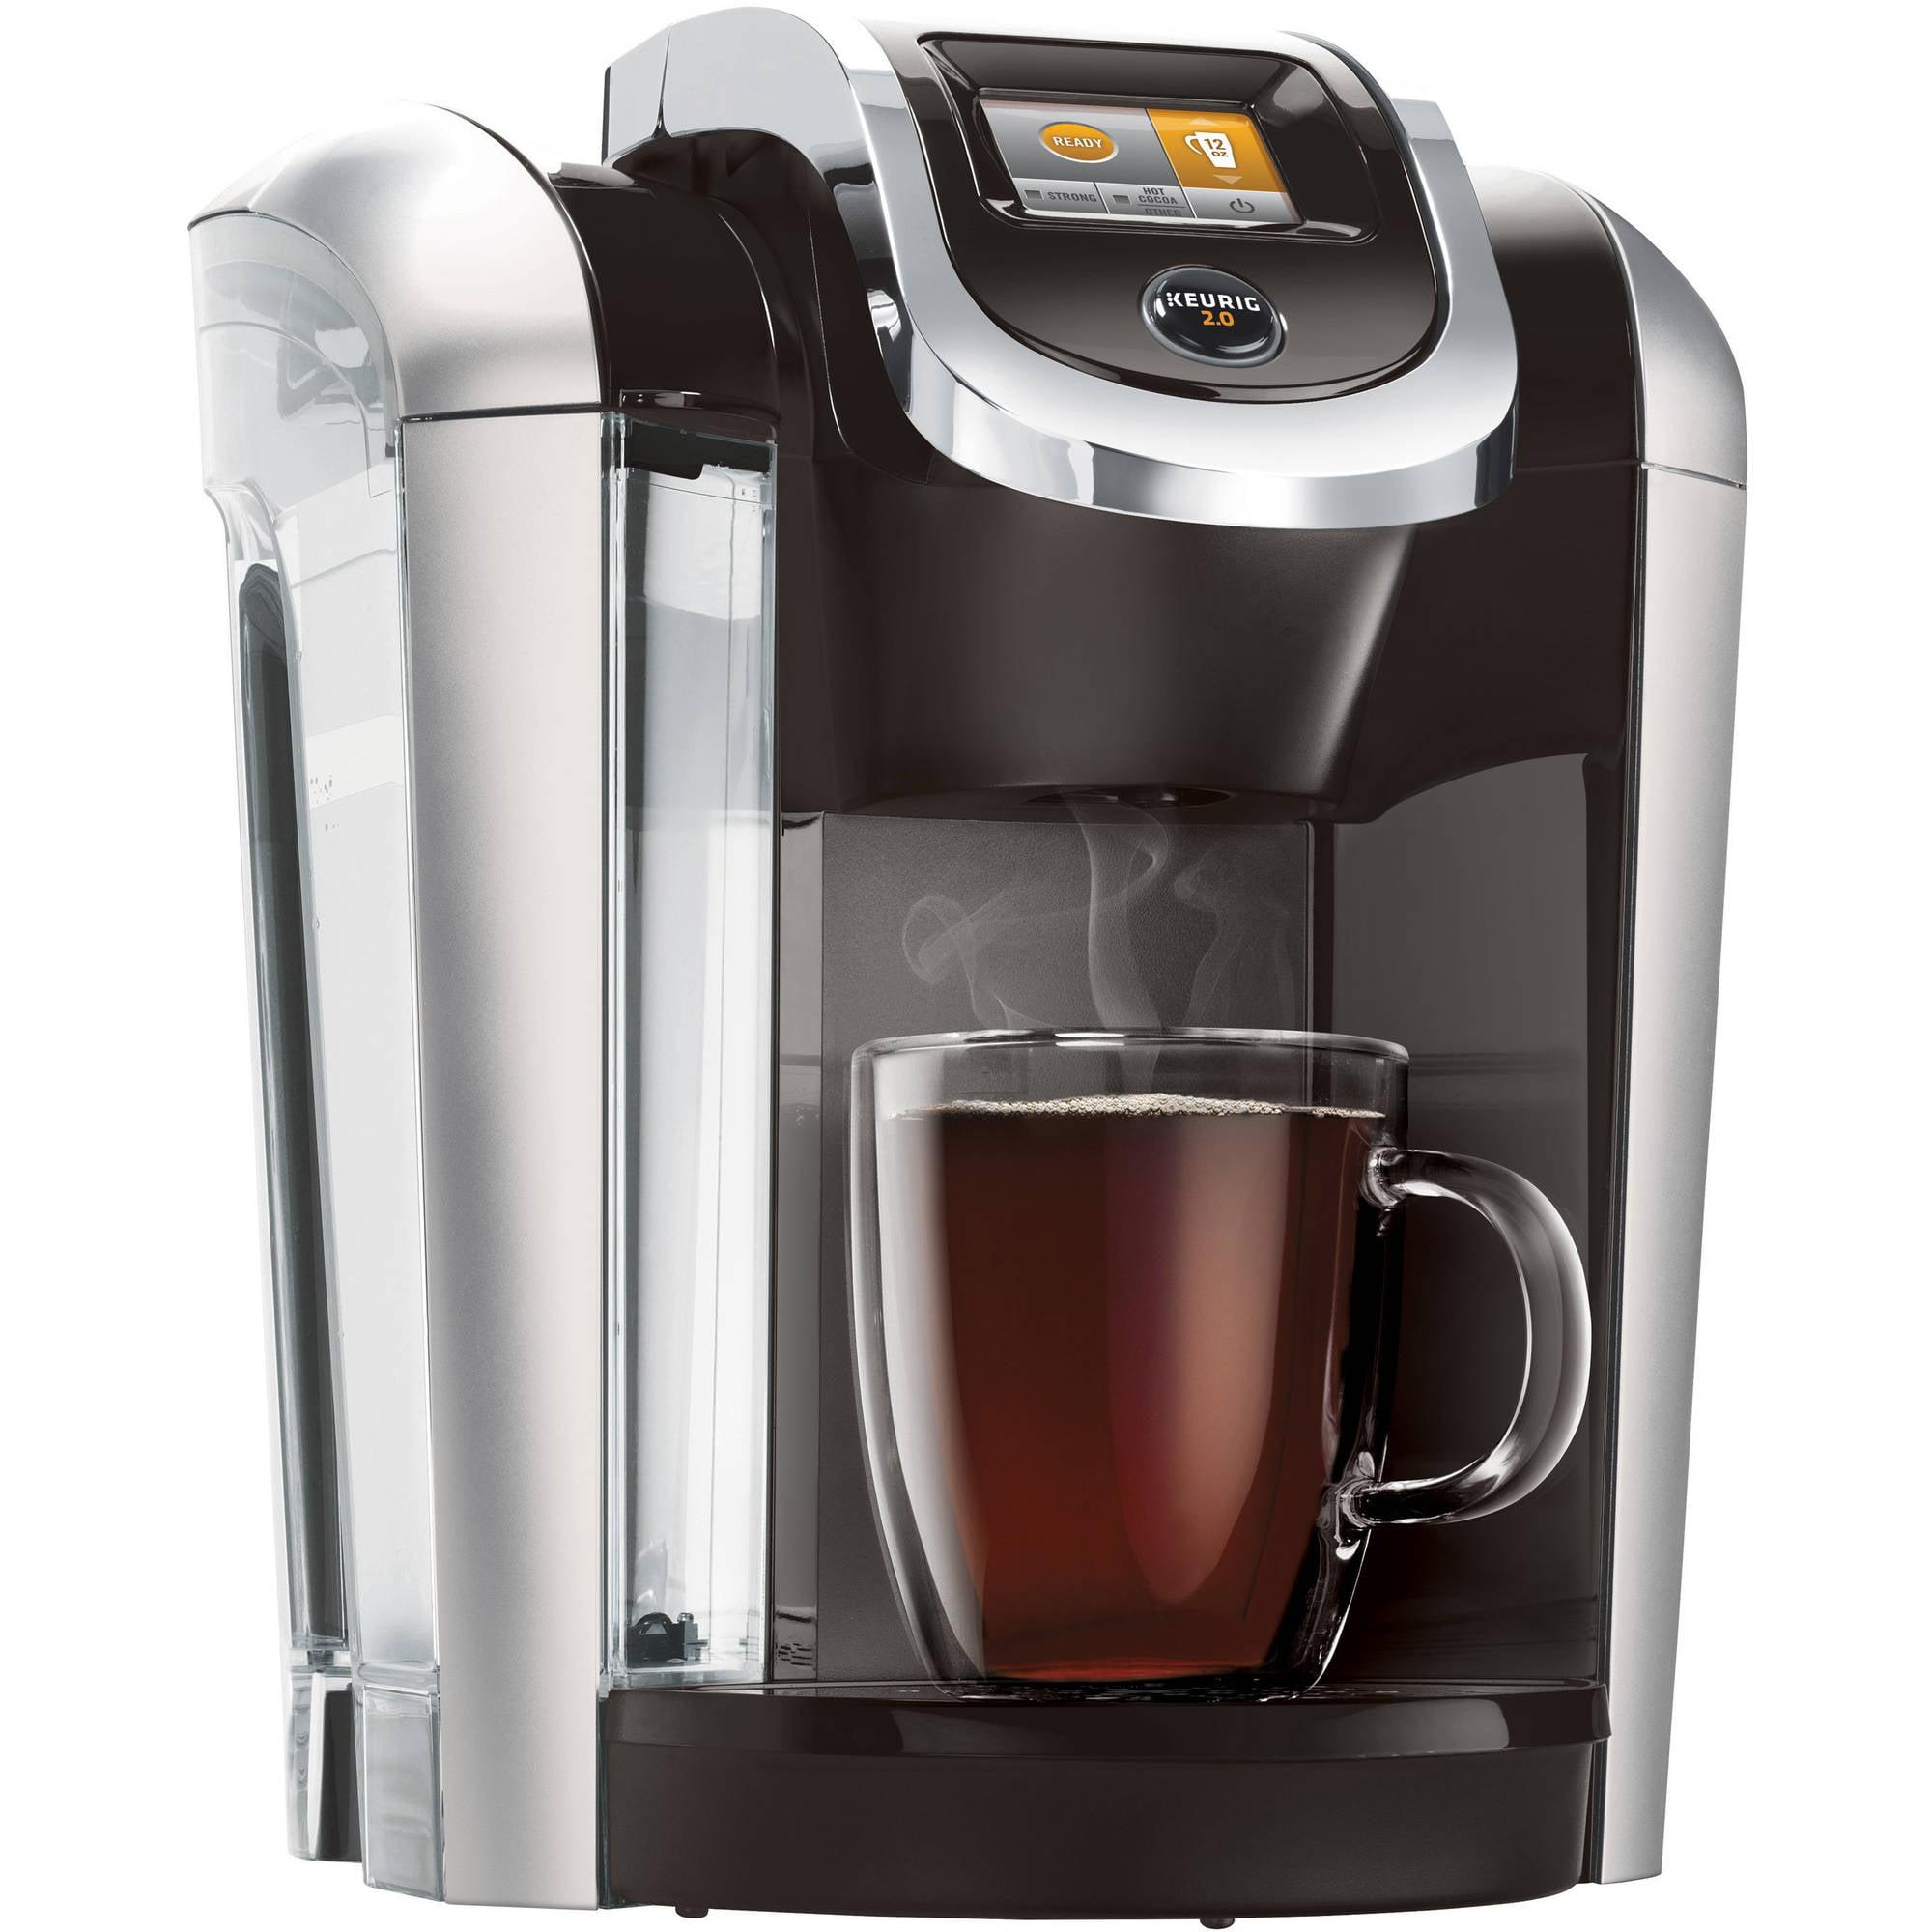 Keurig K425 Coffee Maker